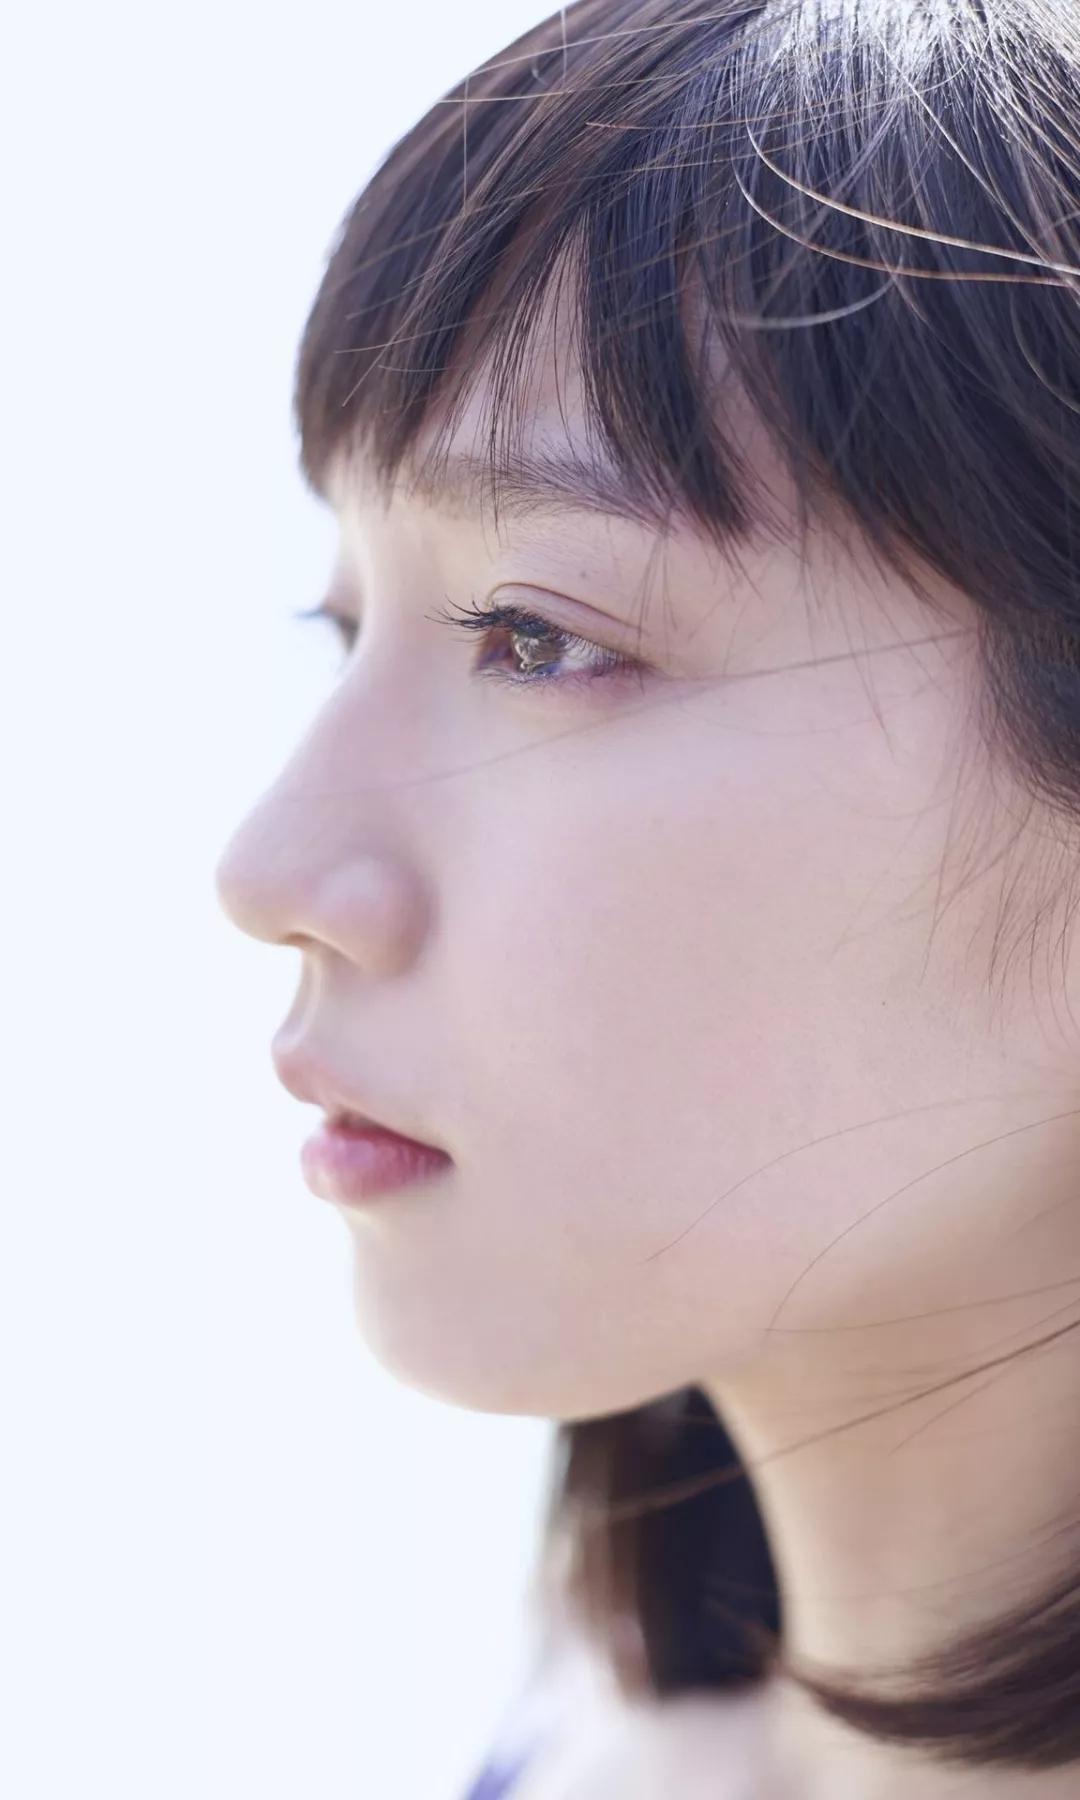 吉冈里帆 写真集Riho (35)